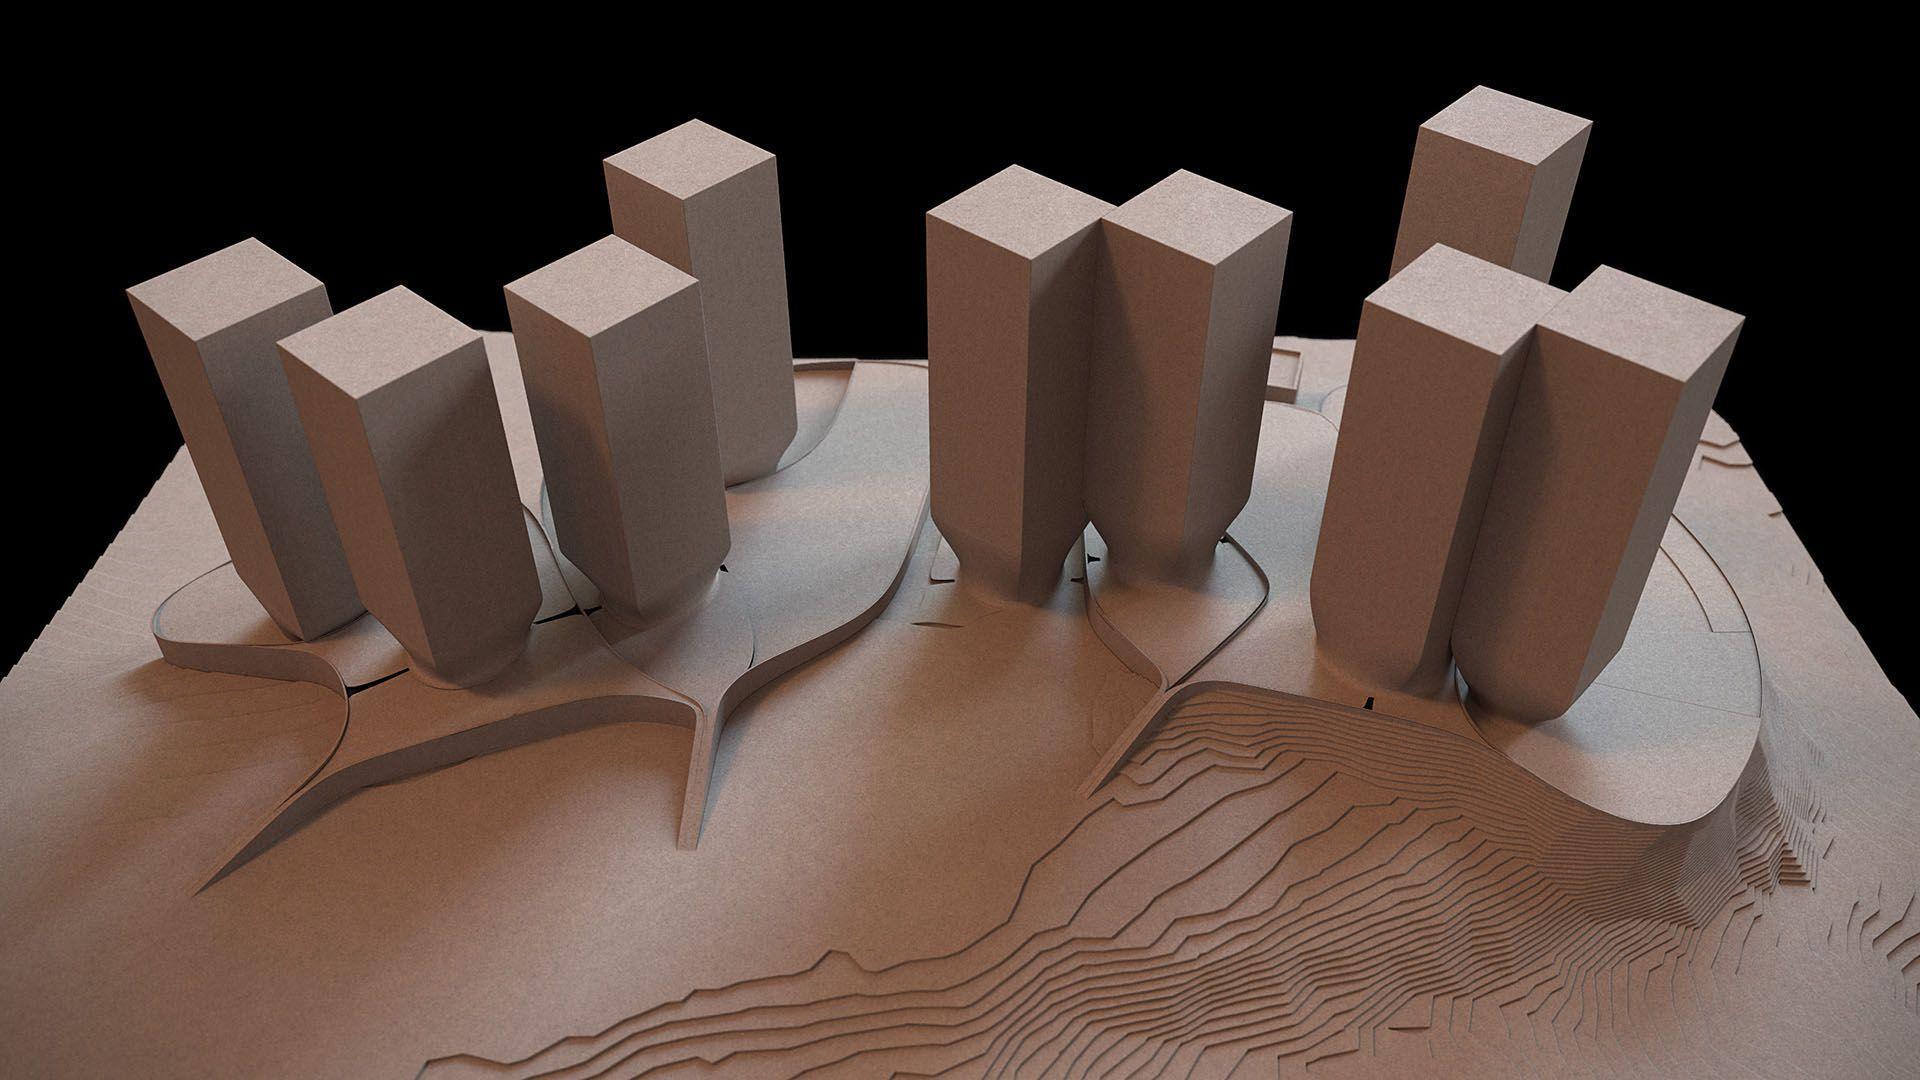 moh architects / Jens Mahlan, Christoph Opperer, Jörg Hugo